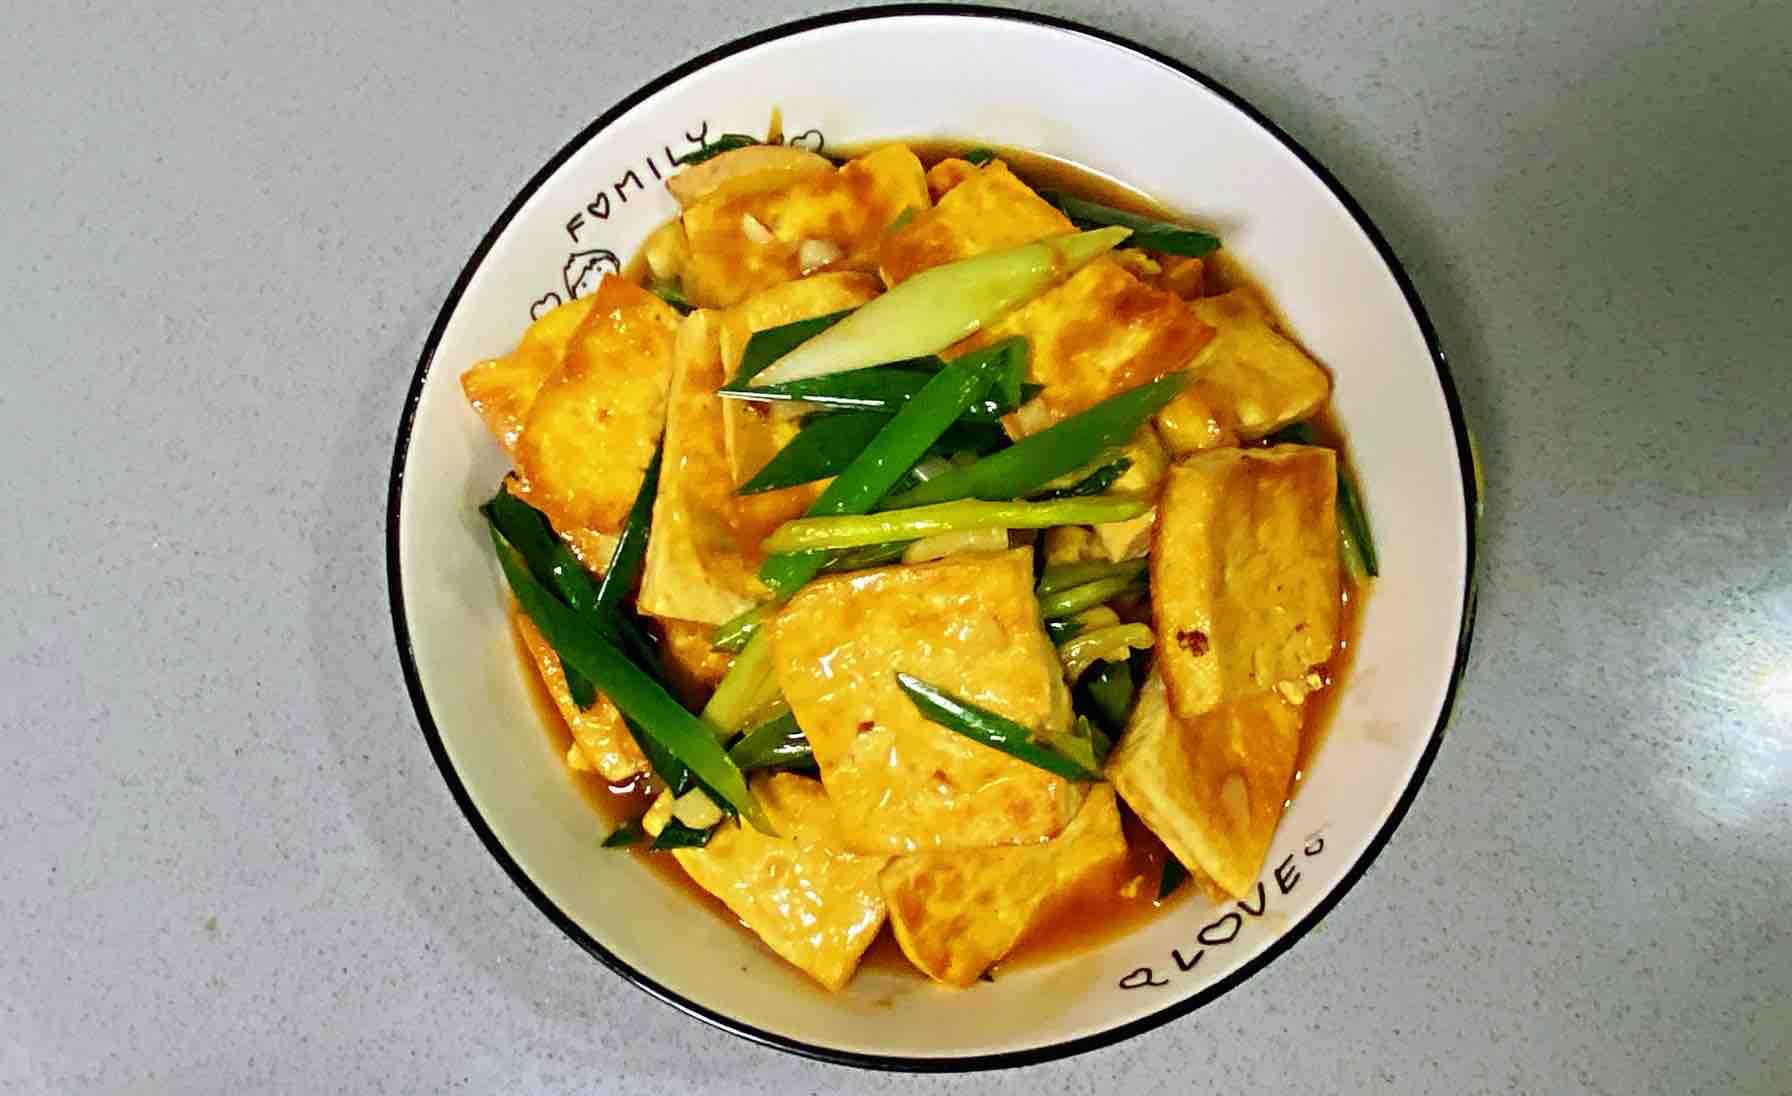 【孕妇食谱】鲍汁豆腐烧青蒜,鲜味浓郁,超级下饭~怎么炖